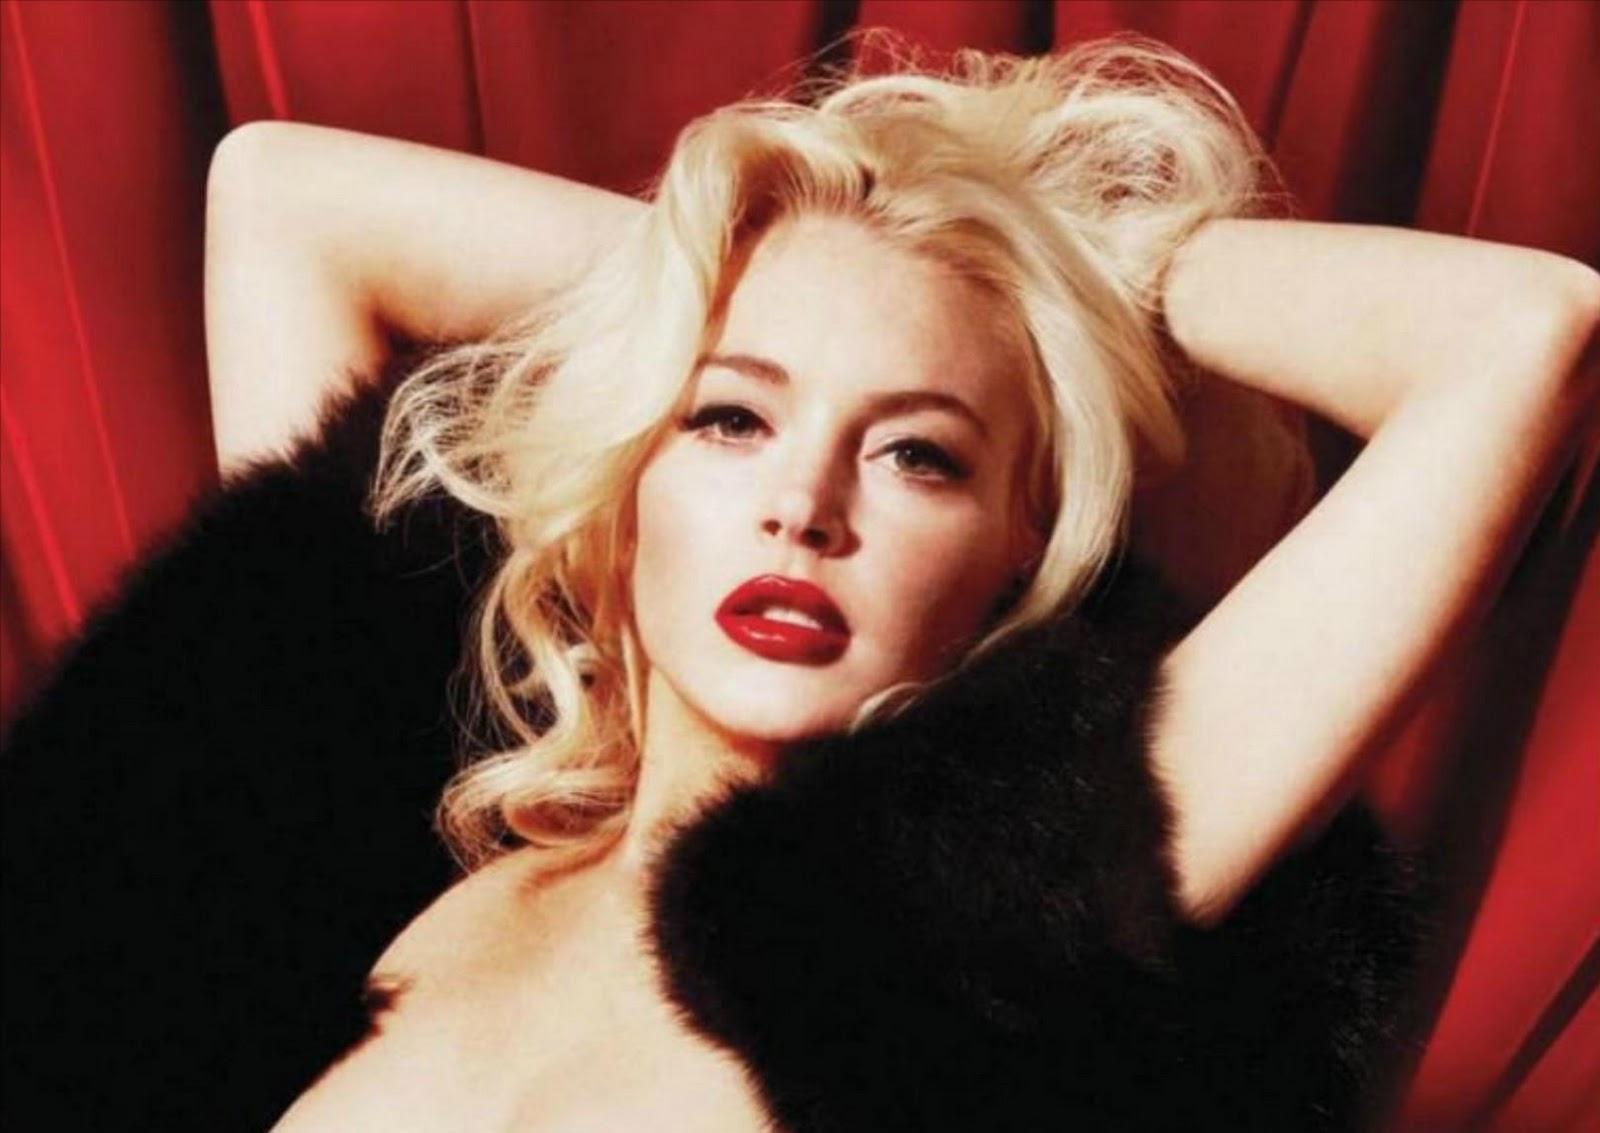 Jessica alba vanessa hudgens nude